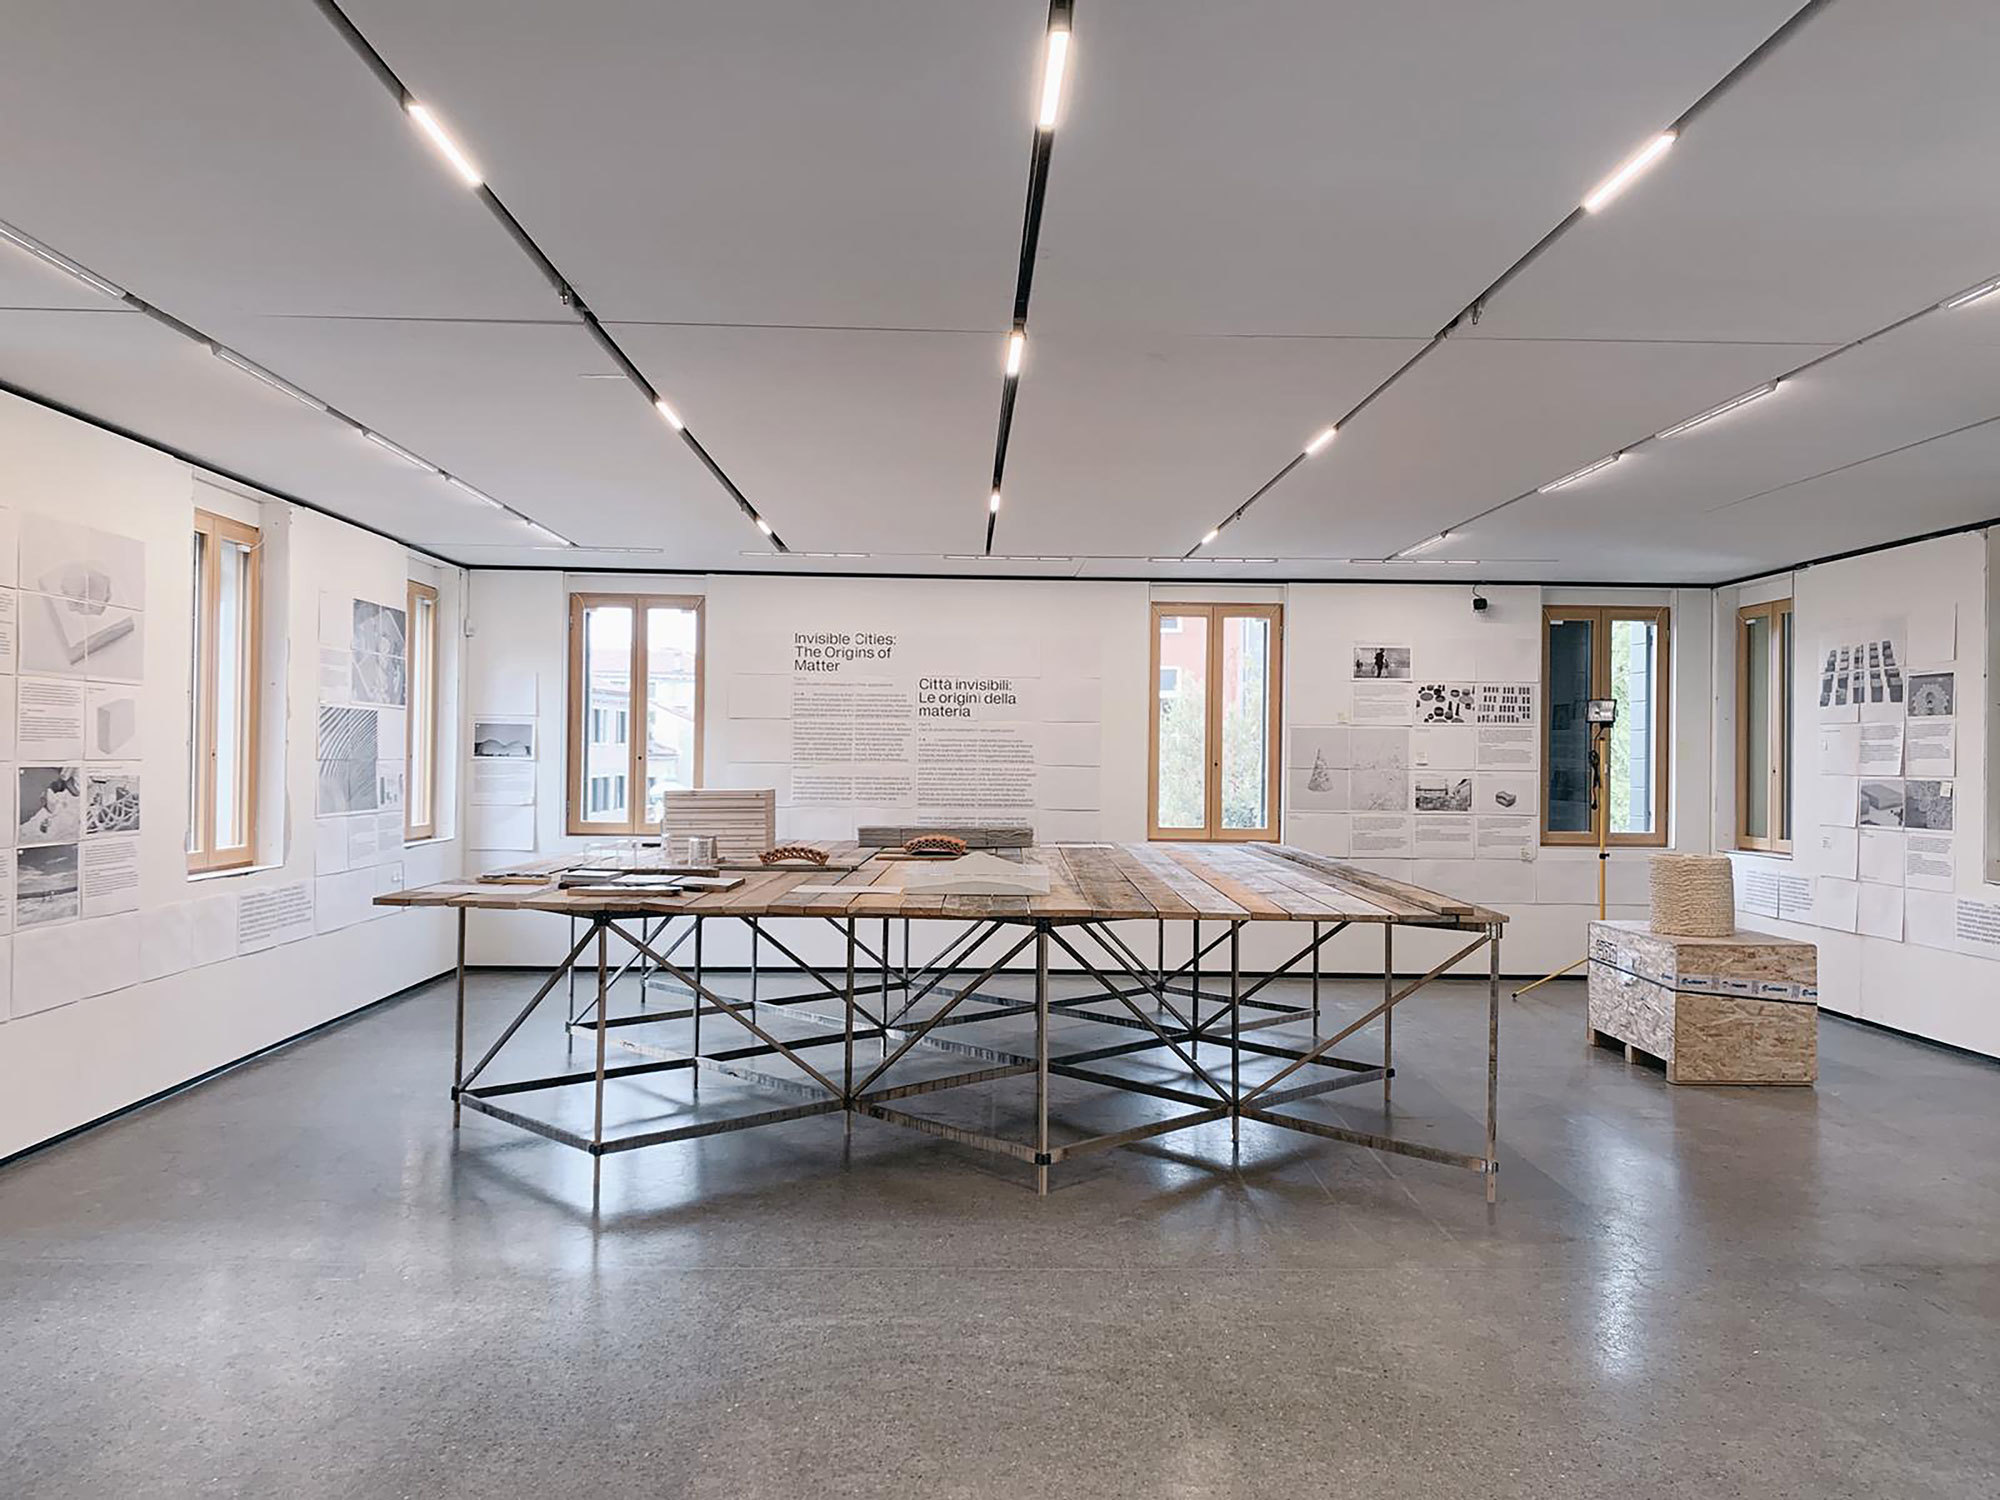 Im Rahmen der diesjährigen Biennale in Venedig hat Lukas Wegwerth für die Ausstellung Non-Extractive Architecture große Präsentationstische konzipiert. Foto: Studio Lukas Wegwerth